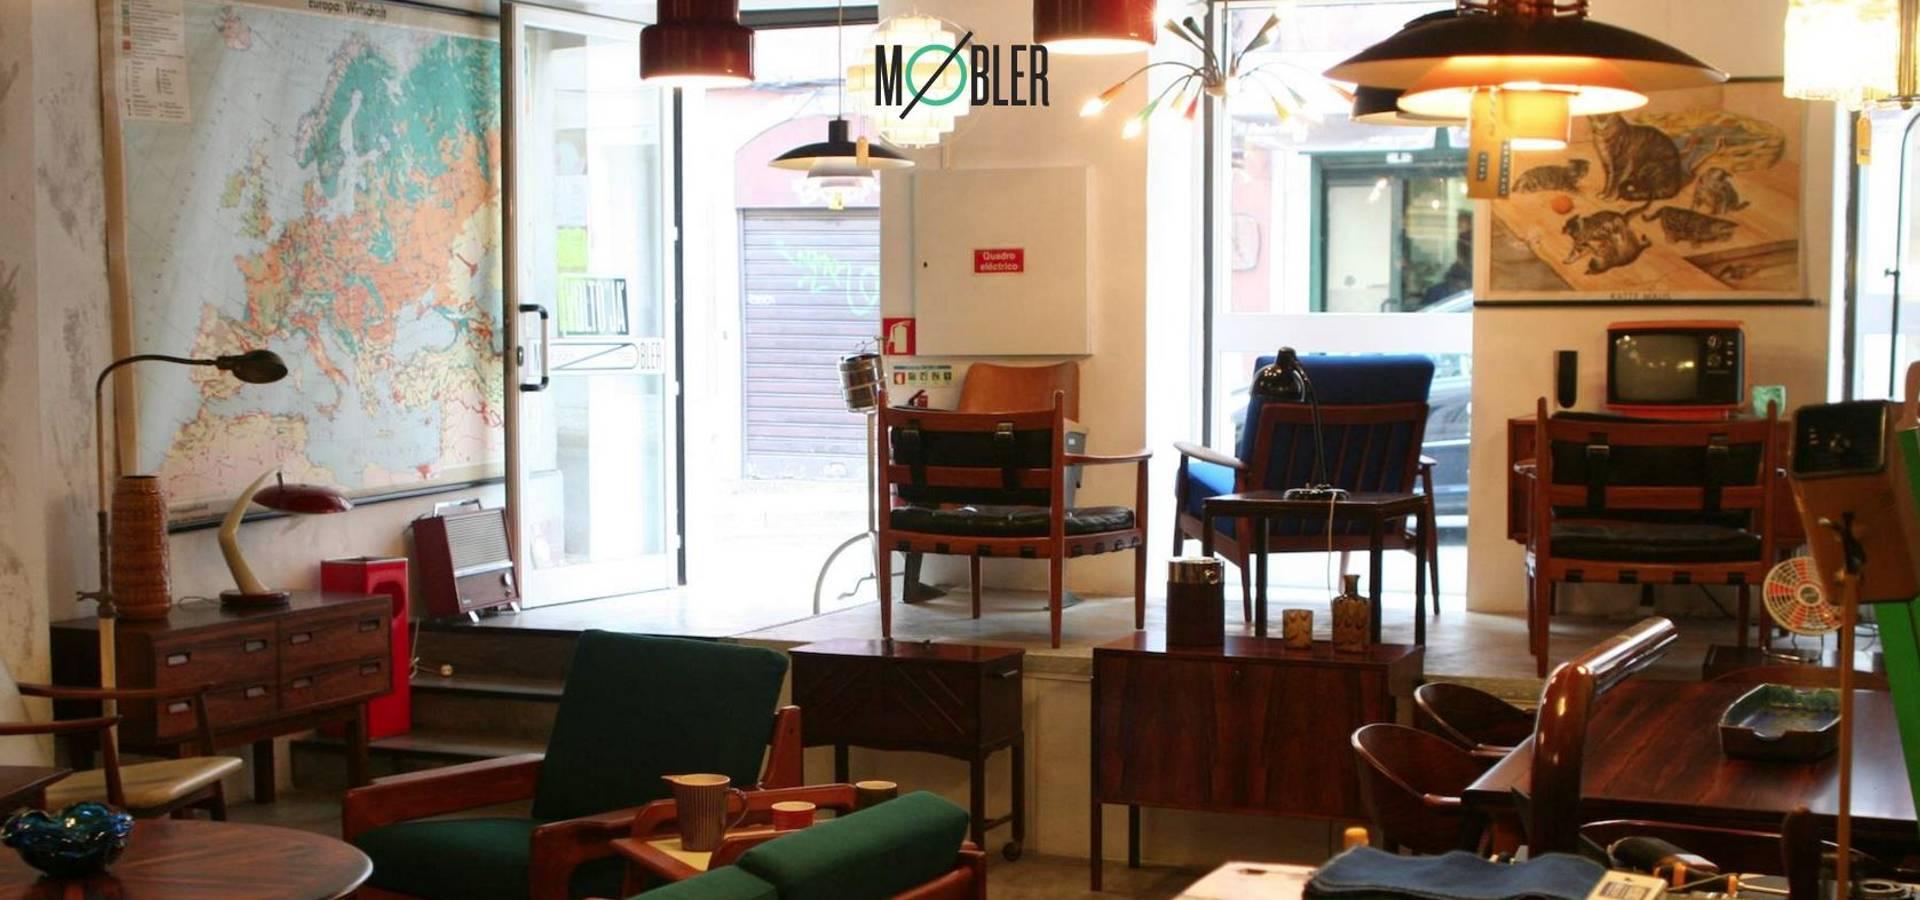 Mobler Mobiliário e acessórios em Lisboa homify